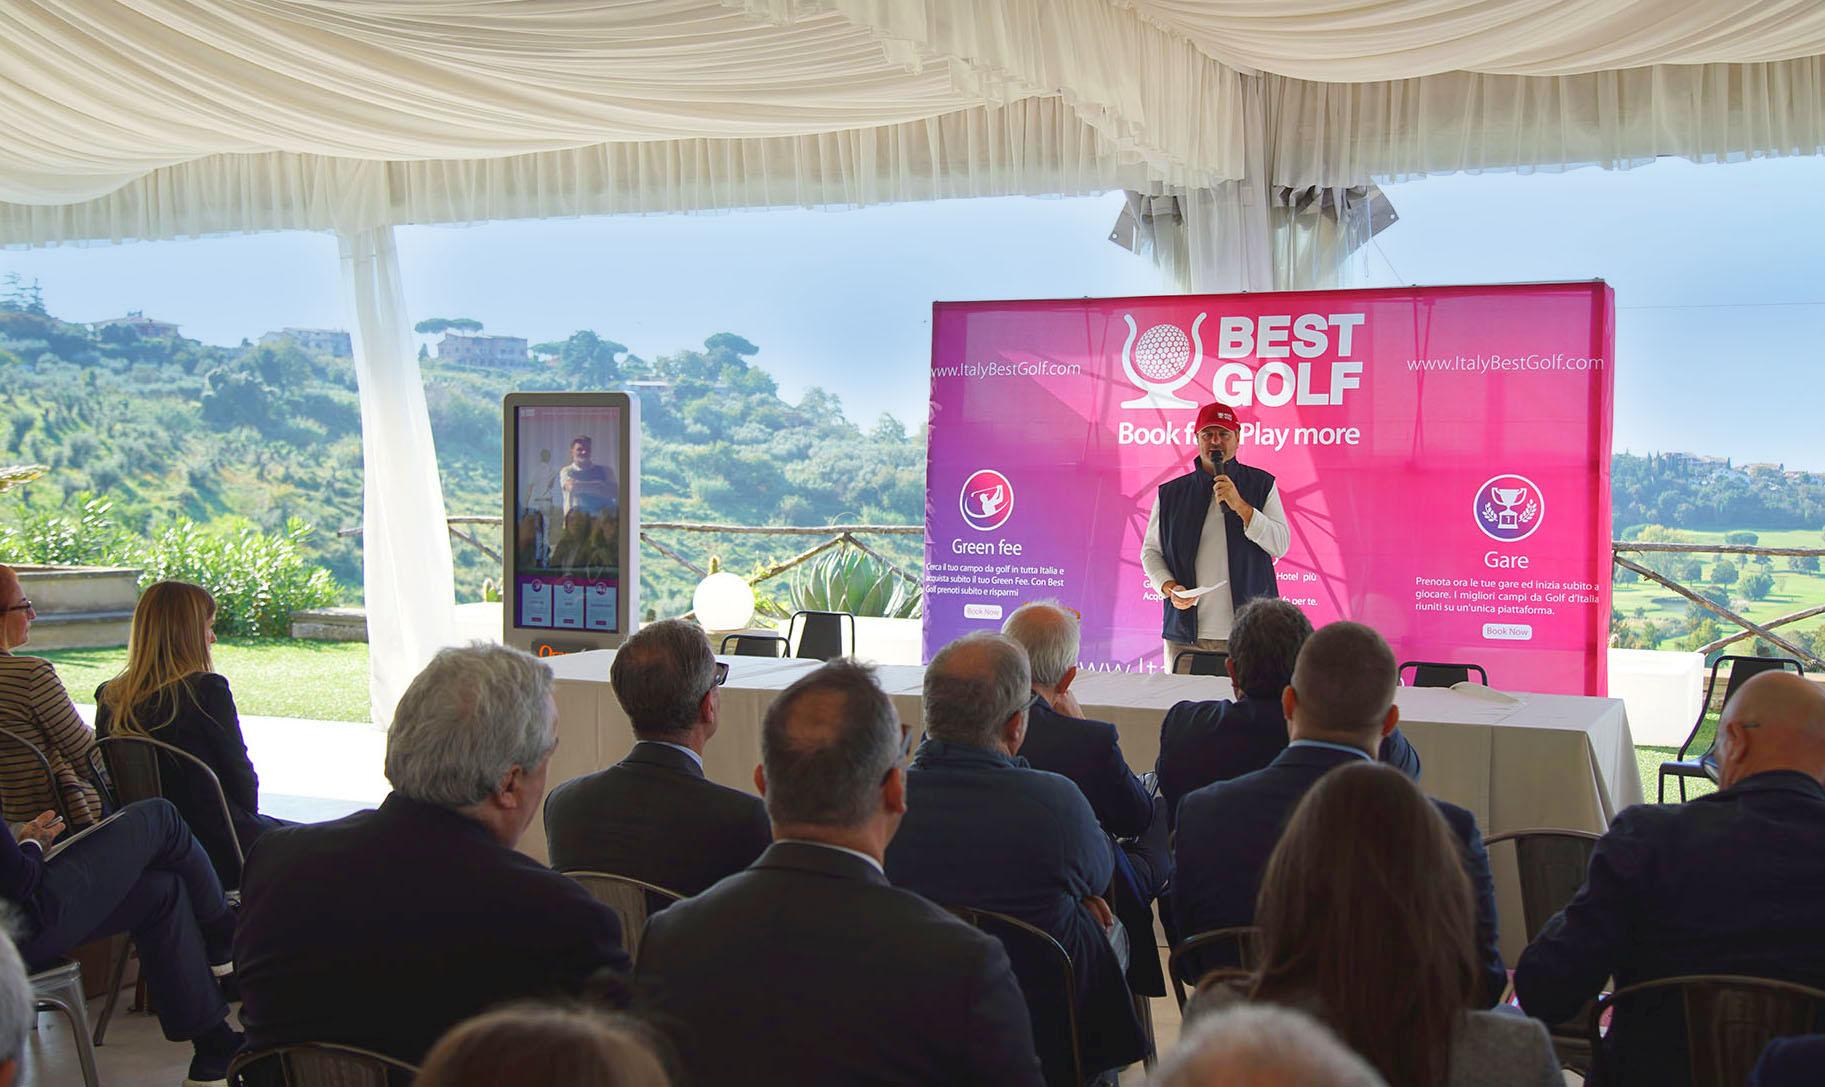 04-PaoloGarlando-Founder-Best-Golf